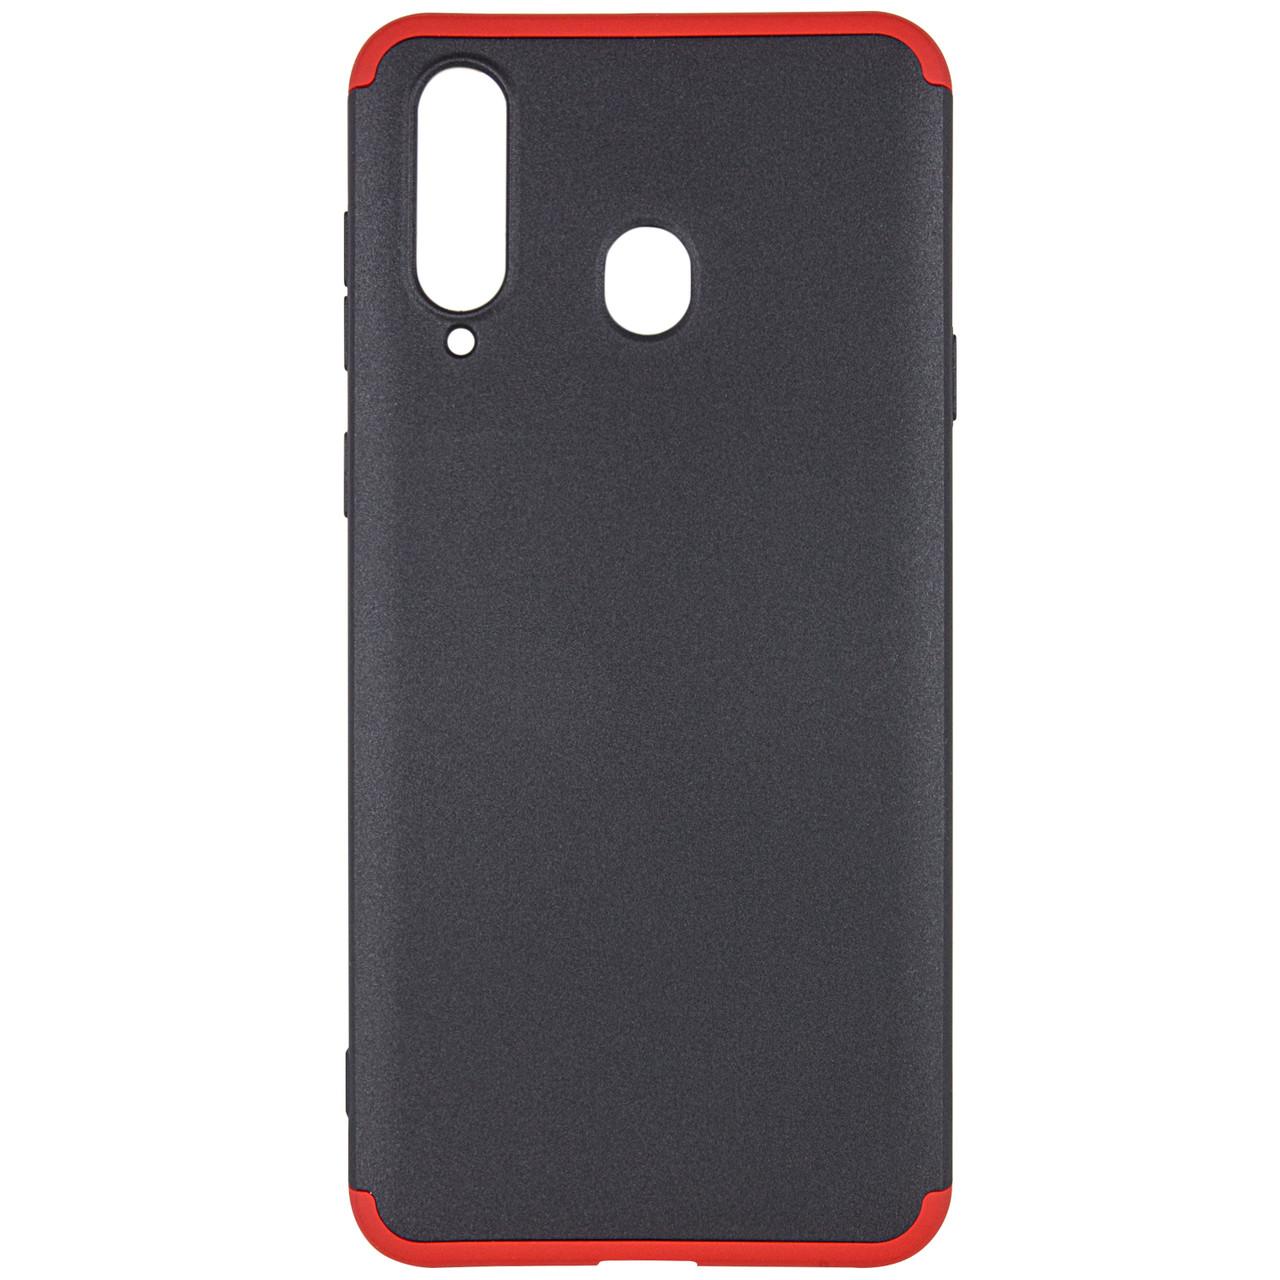 Пластиковая накладка GKK LikGus 360 градусов для Samsung Galaxy A8s Черный / Красный